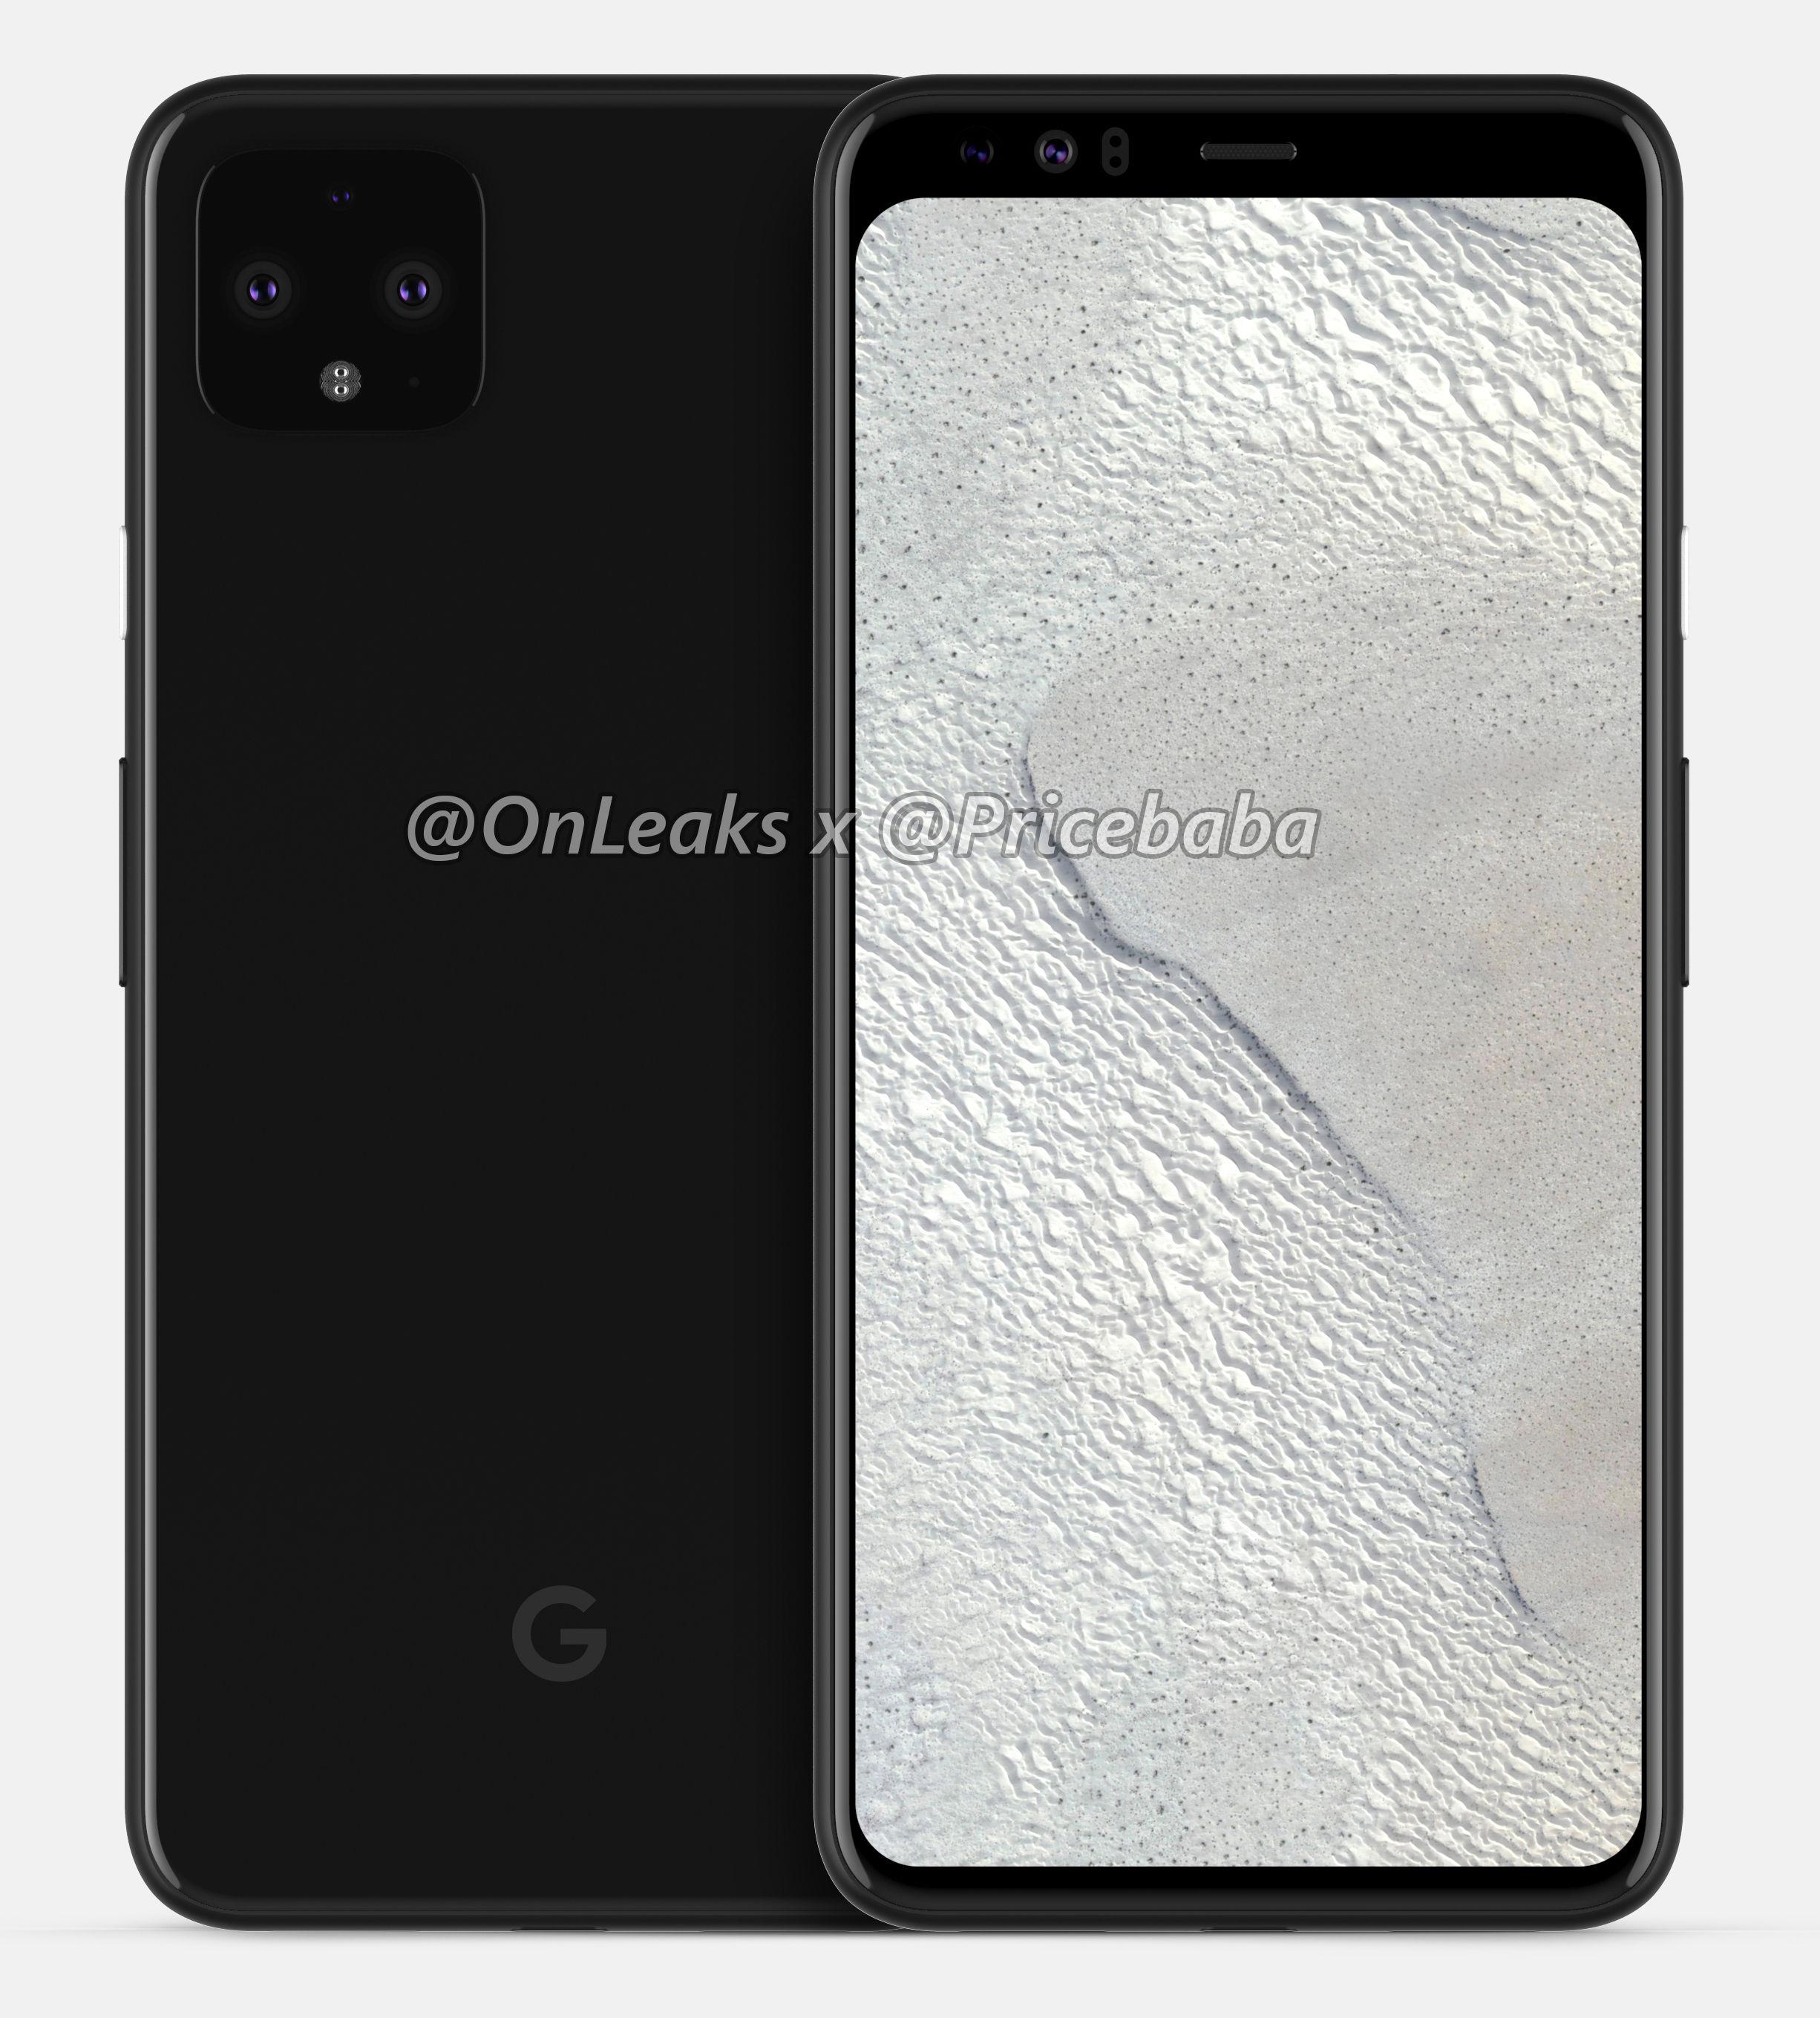 Penampakan Google Pixel 4 XL.